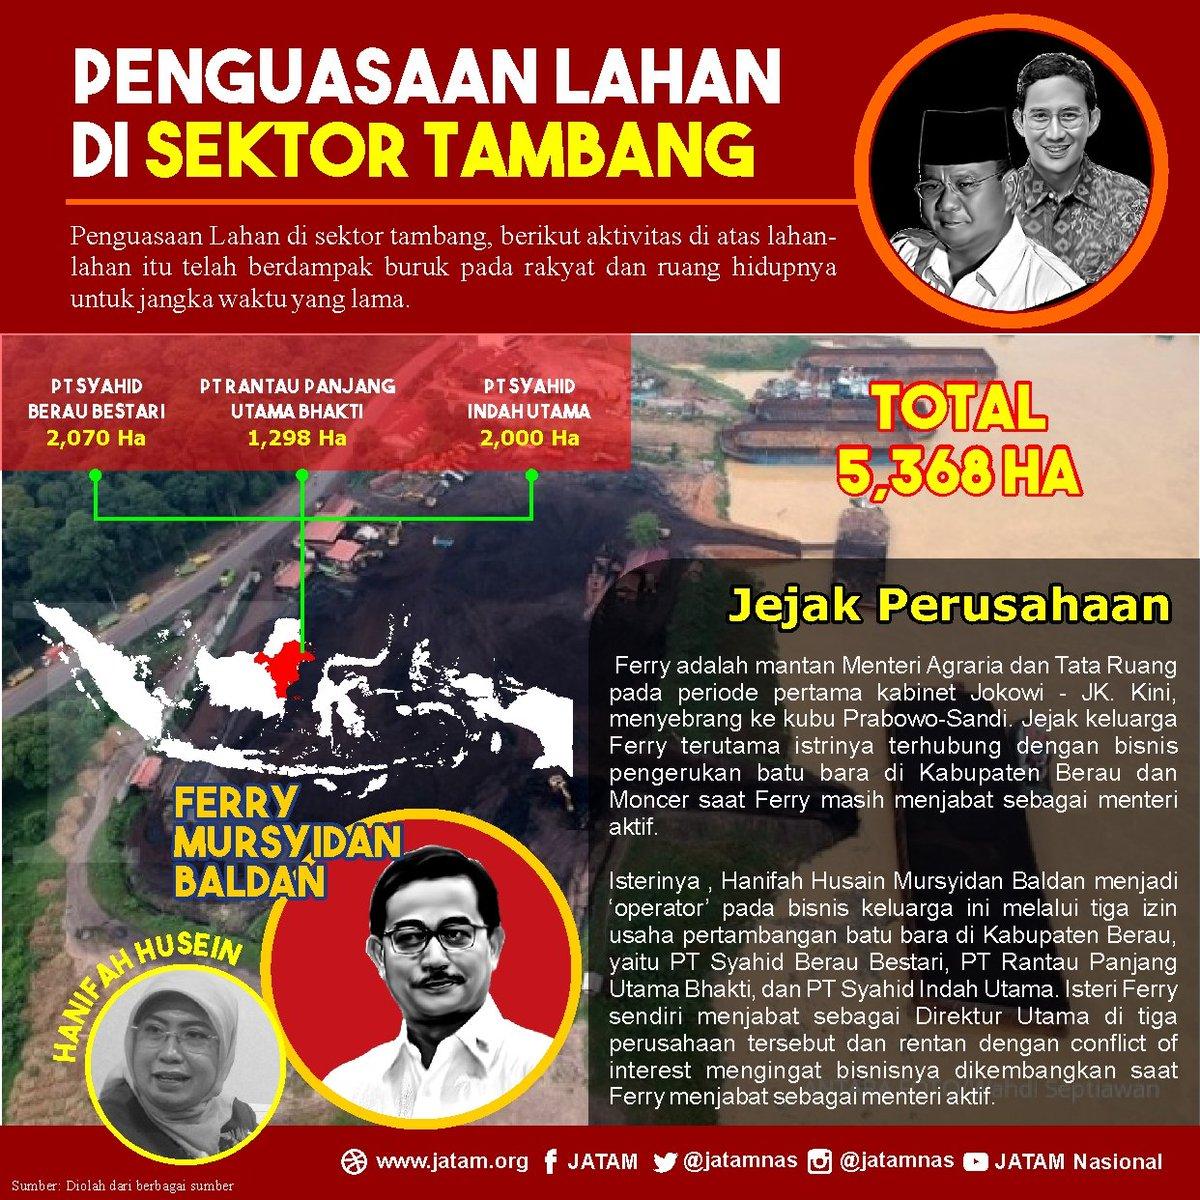 Penguasaan Lahan di Sektor Tambang – JATAM